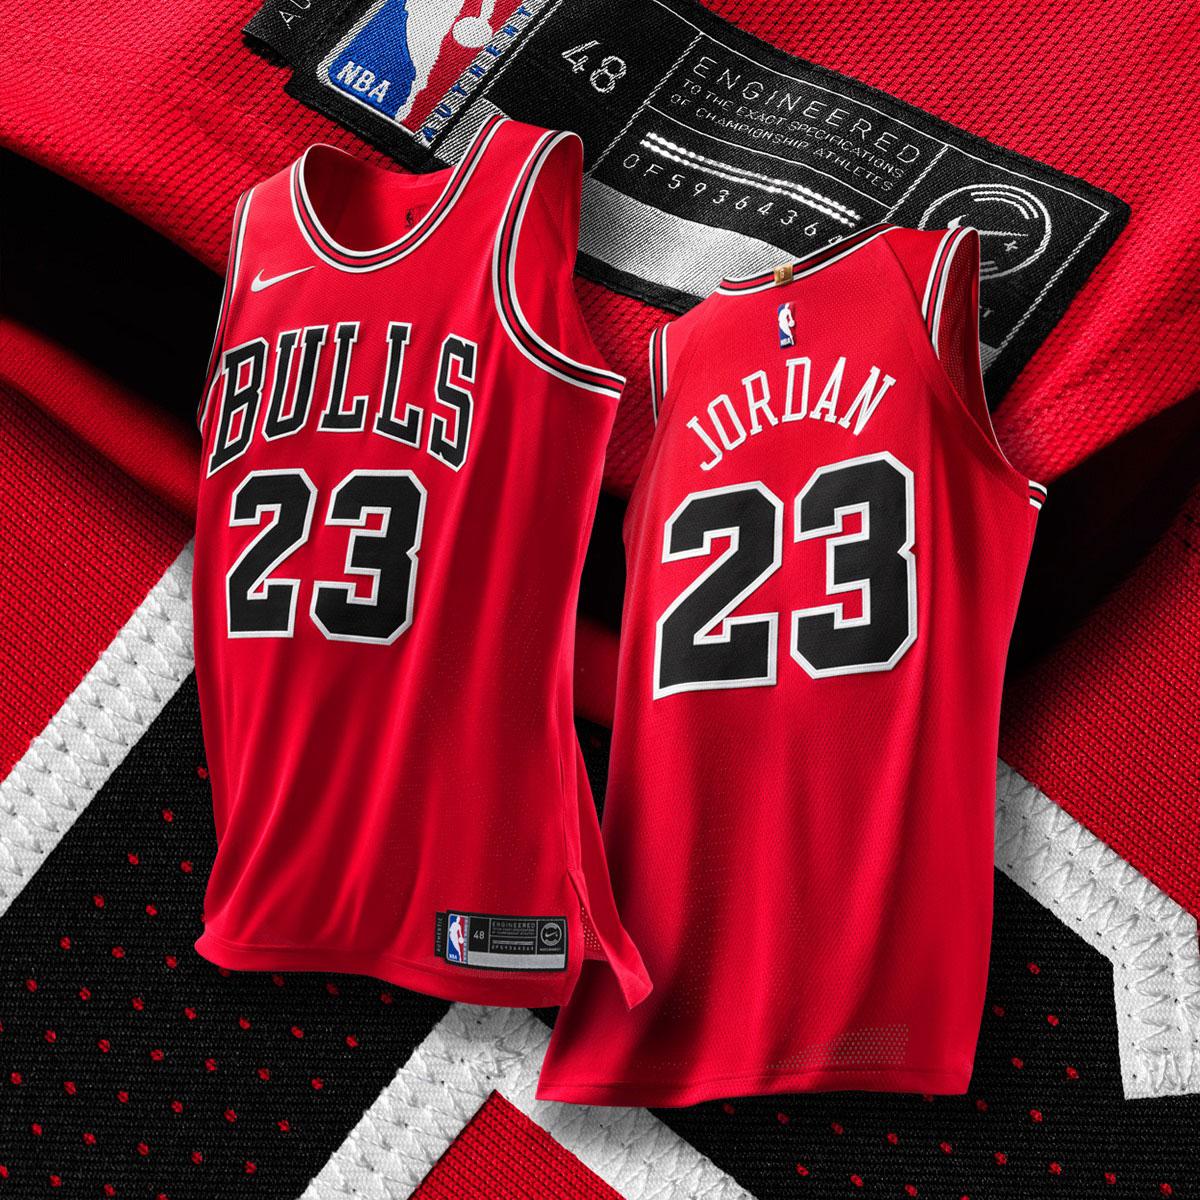 jordan-5-fire-red-michael-jordan-bulls-nike-jersey